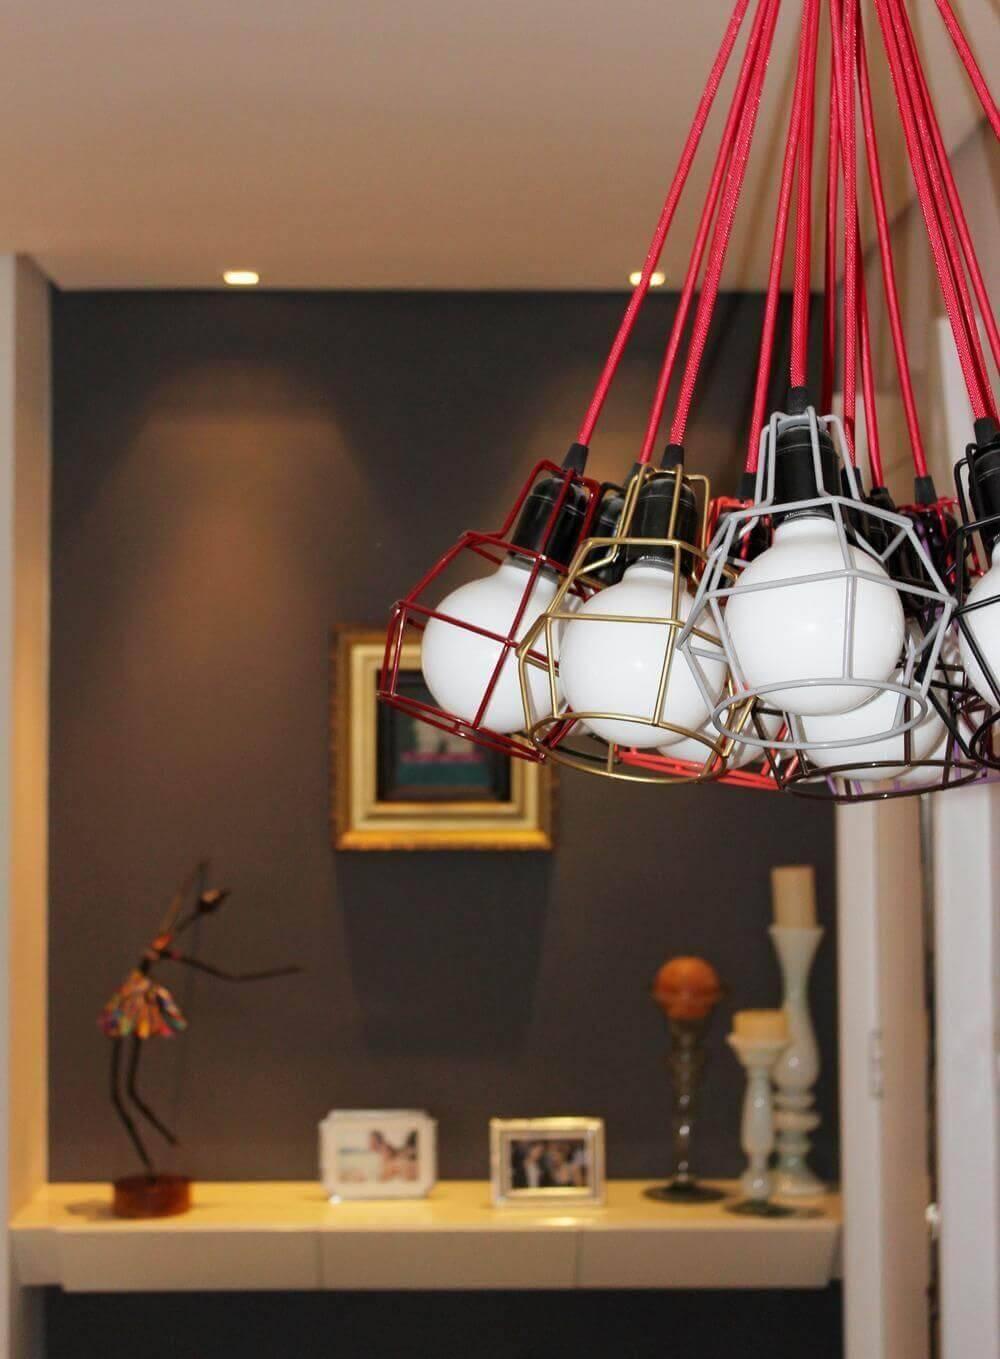 lampadas de led bulbo luminária pendente celine desroches 8368